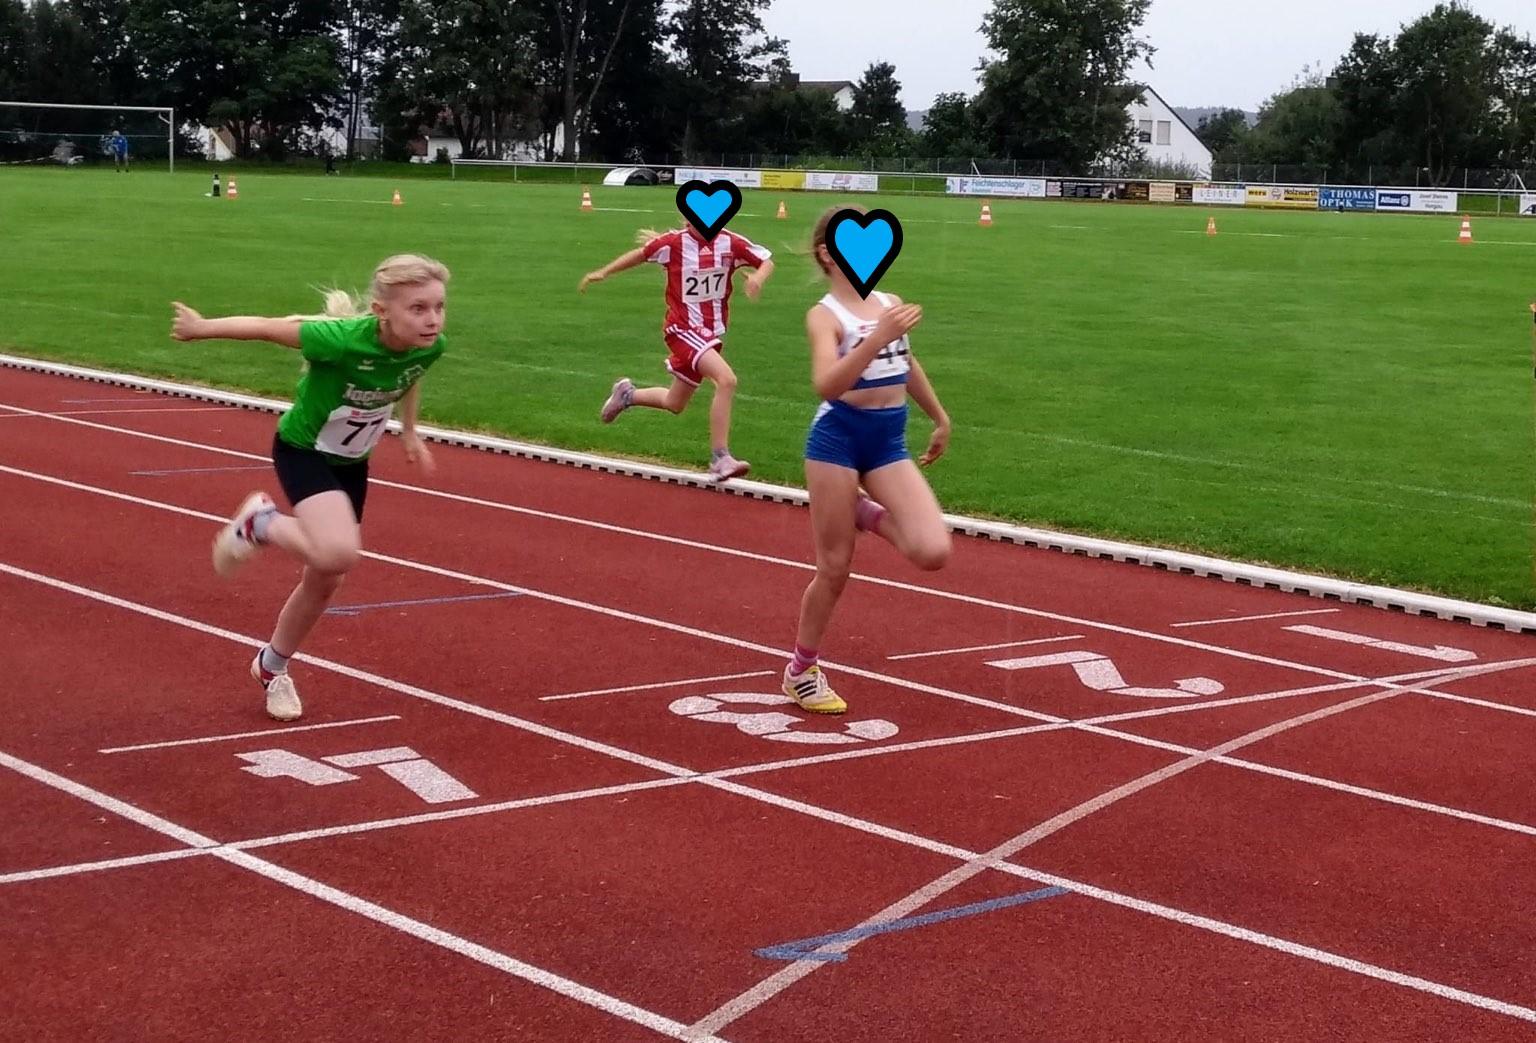 Ziel im Fokus: Emilia über 50m